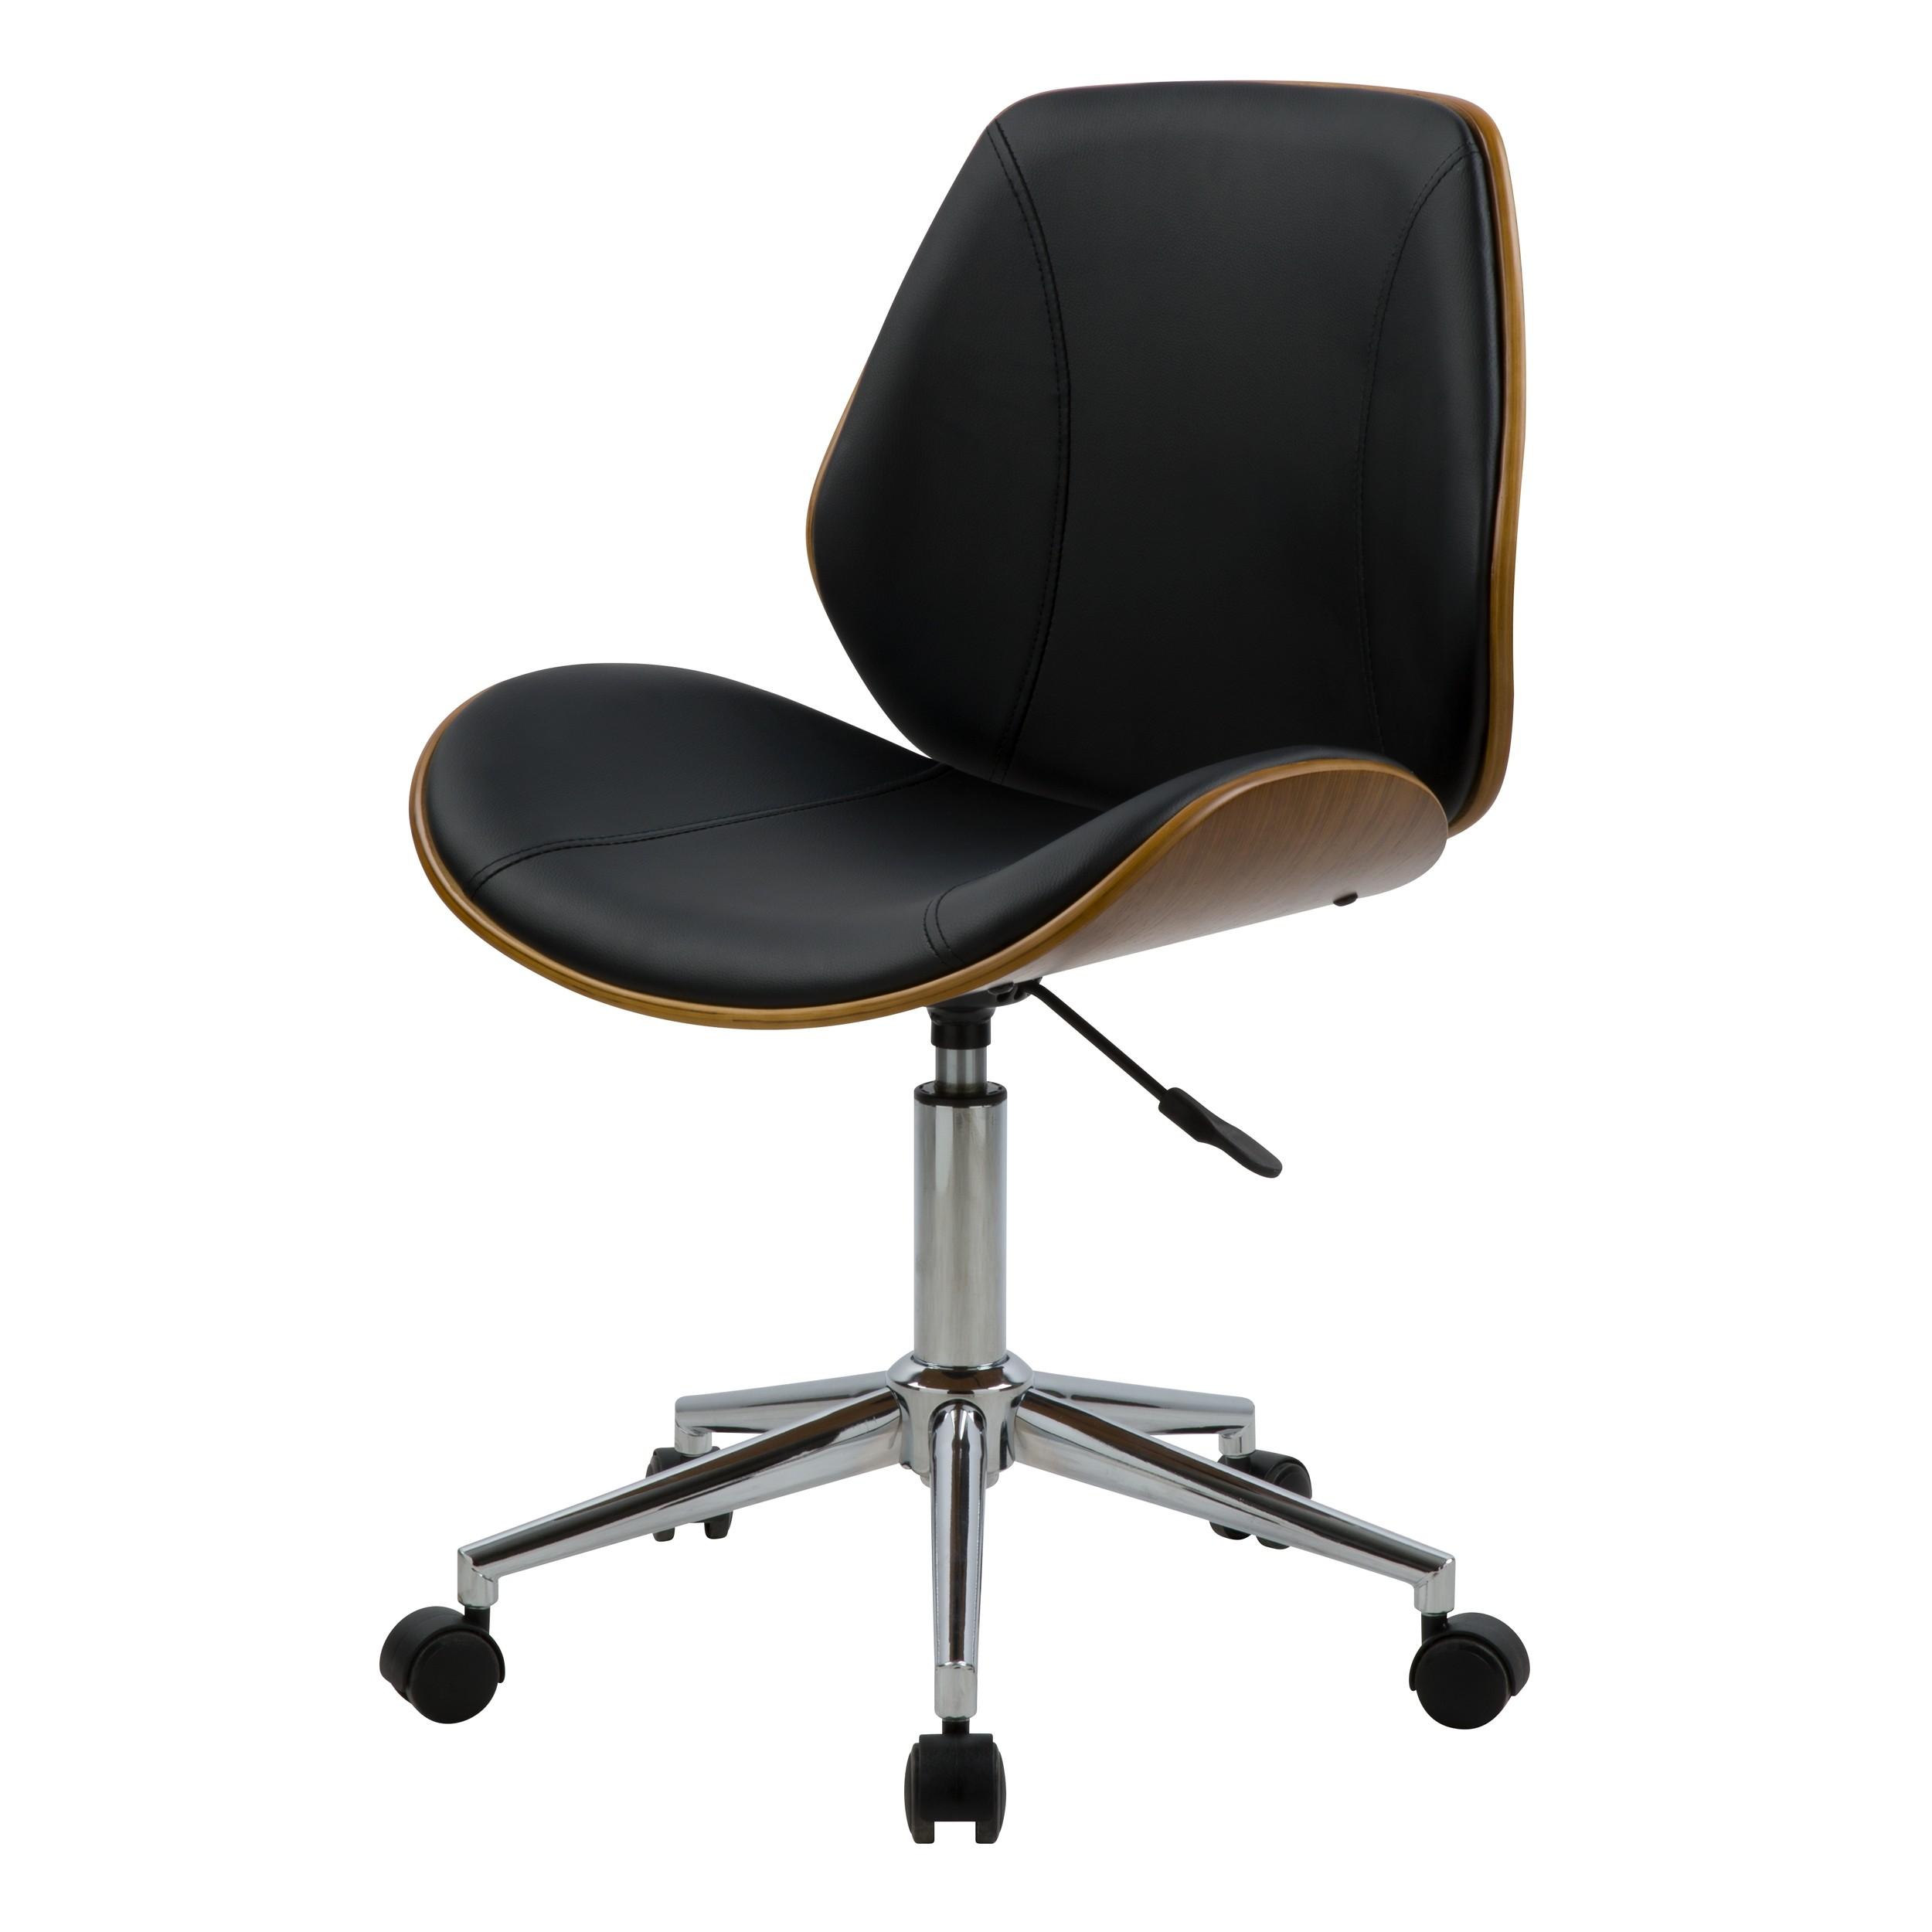 acheter chaise de bureau en synthetique et bois